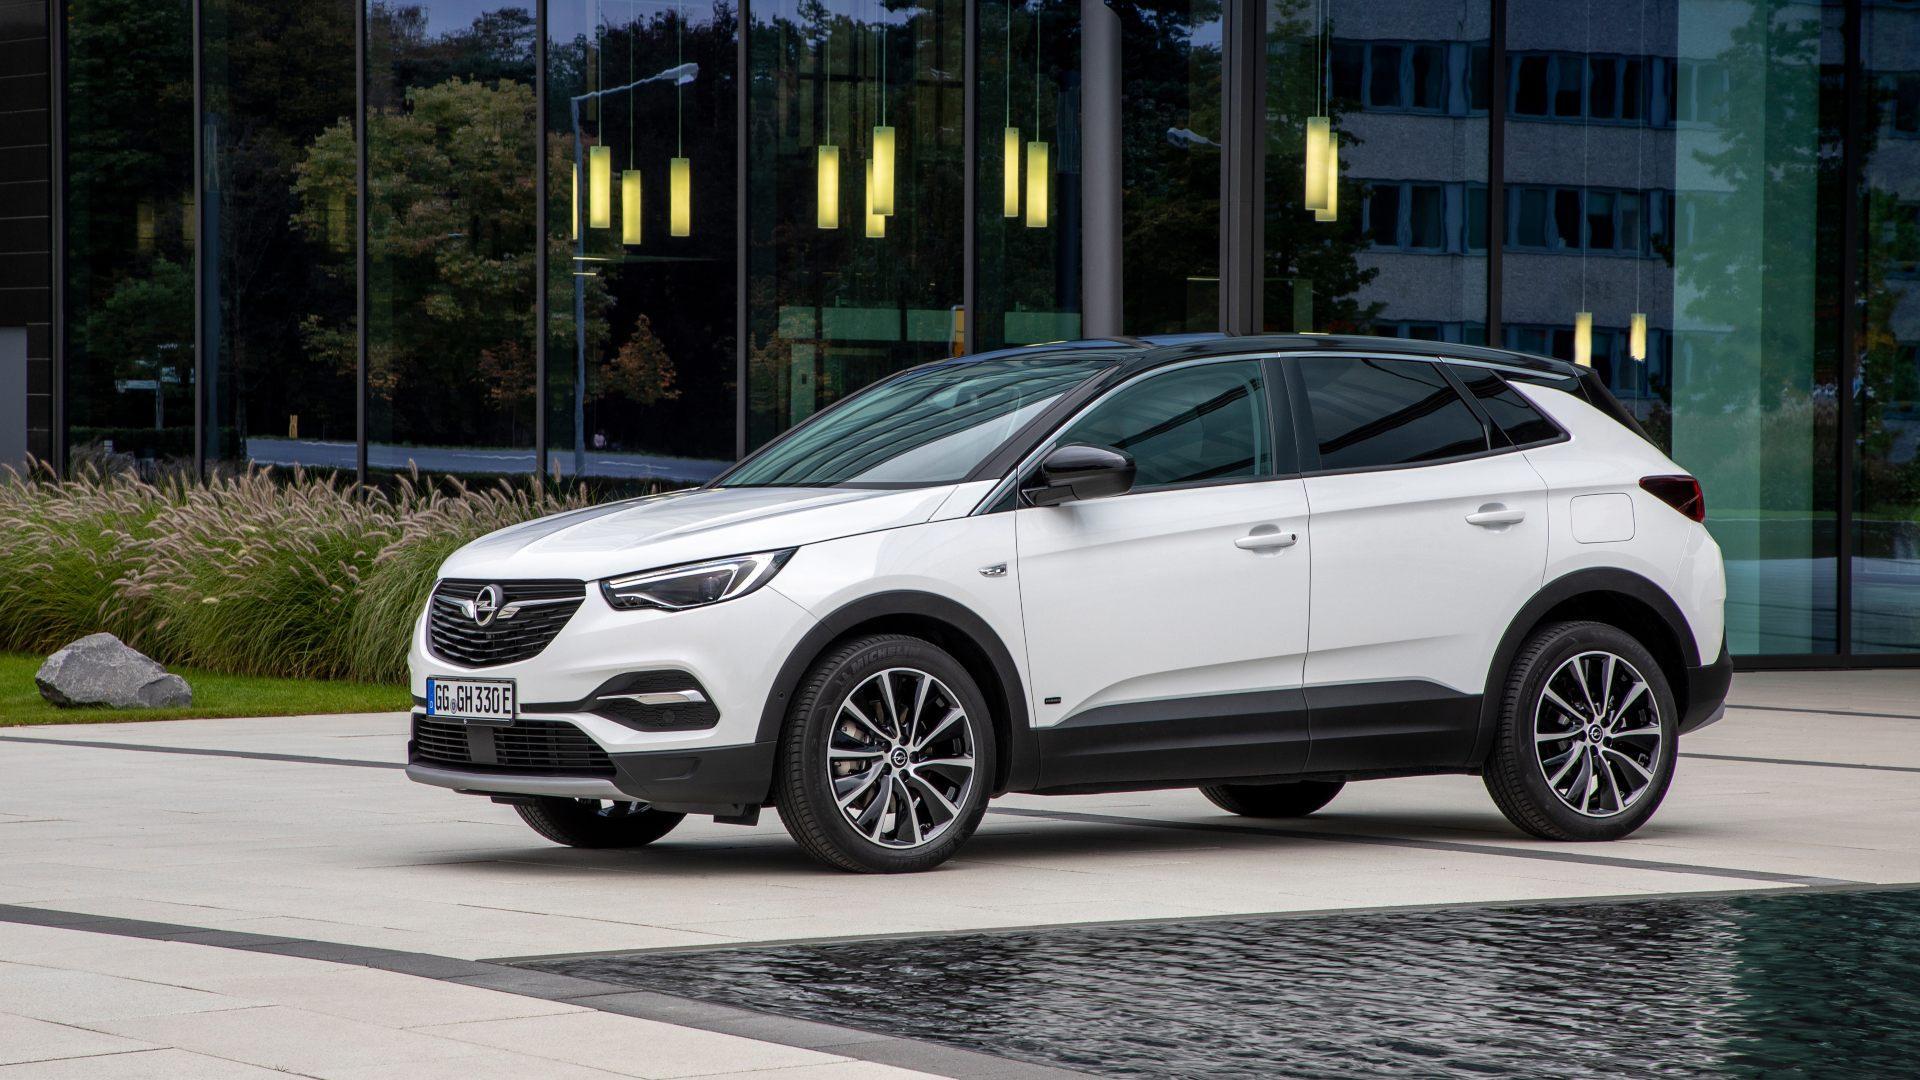 El Opel Grandland X PHEV ya está disponible con tracción delantera y 57 km de autonomía eléctrica